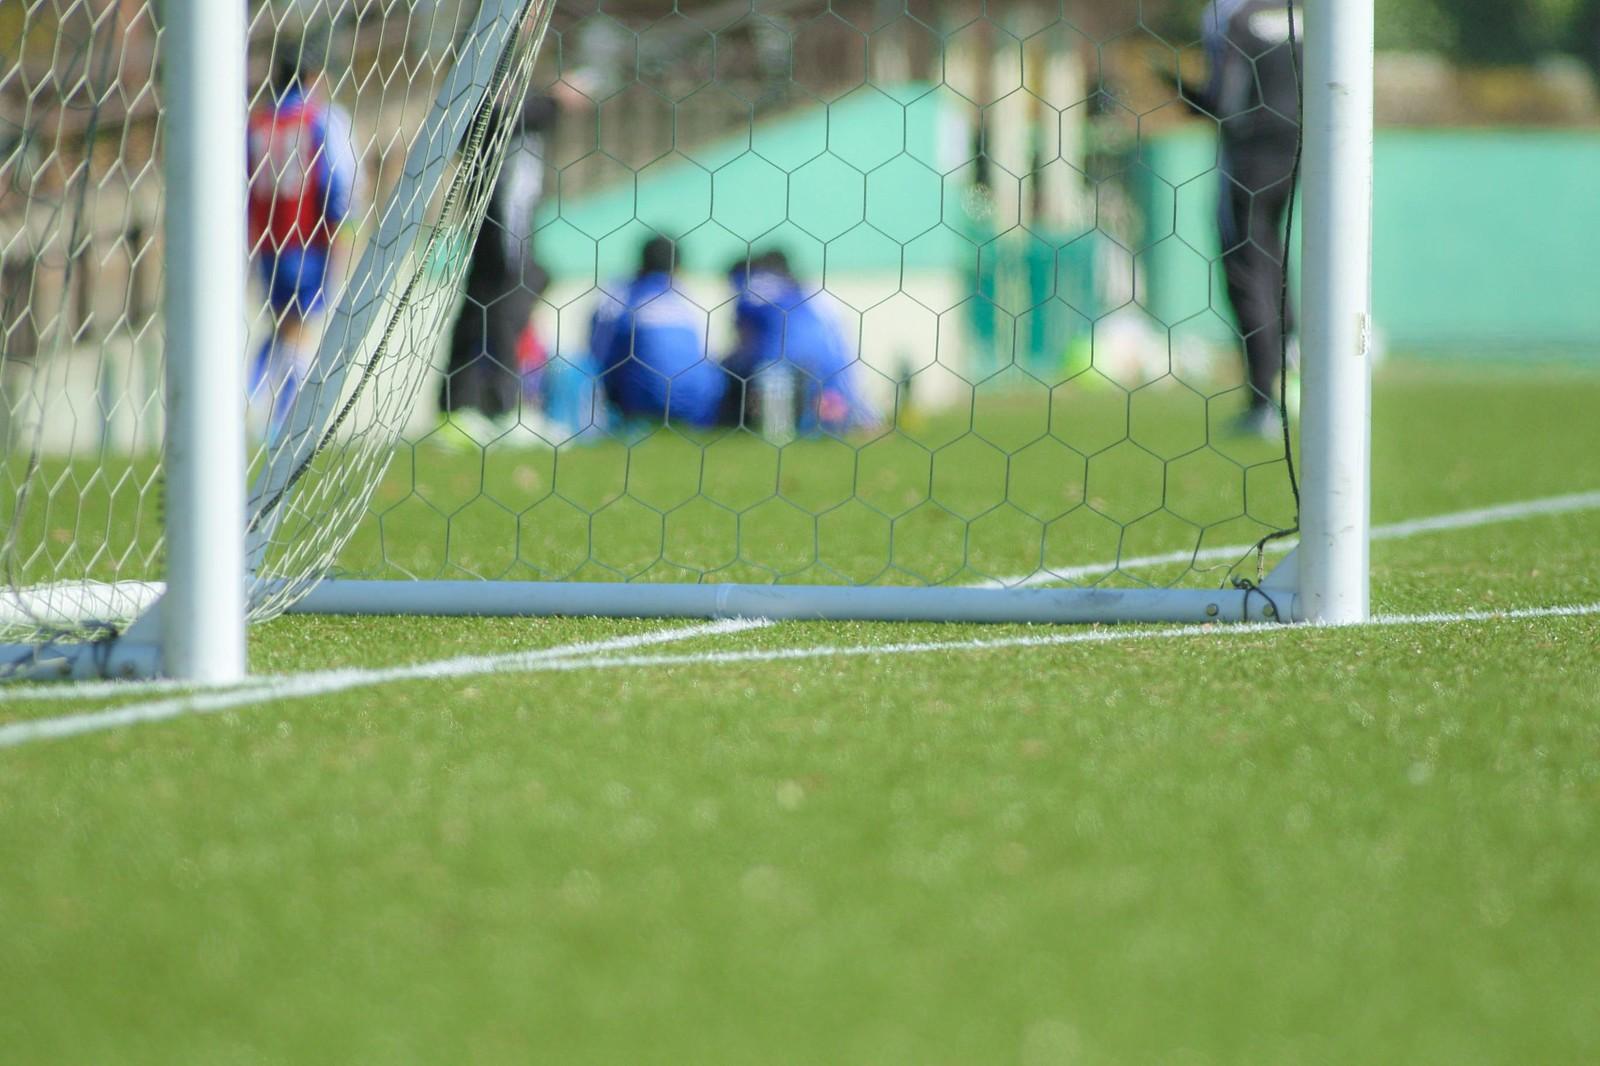 サッカー少年とサッカーゴール